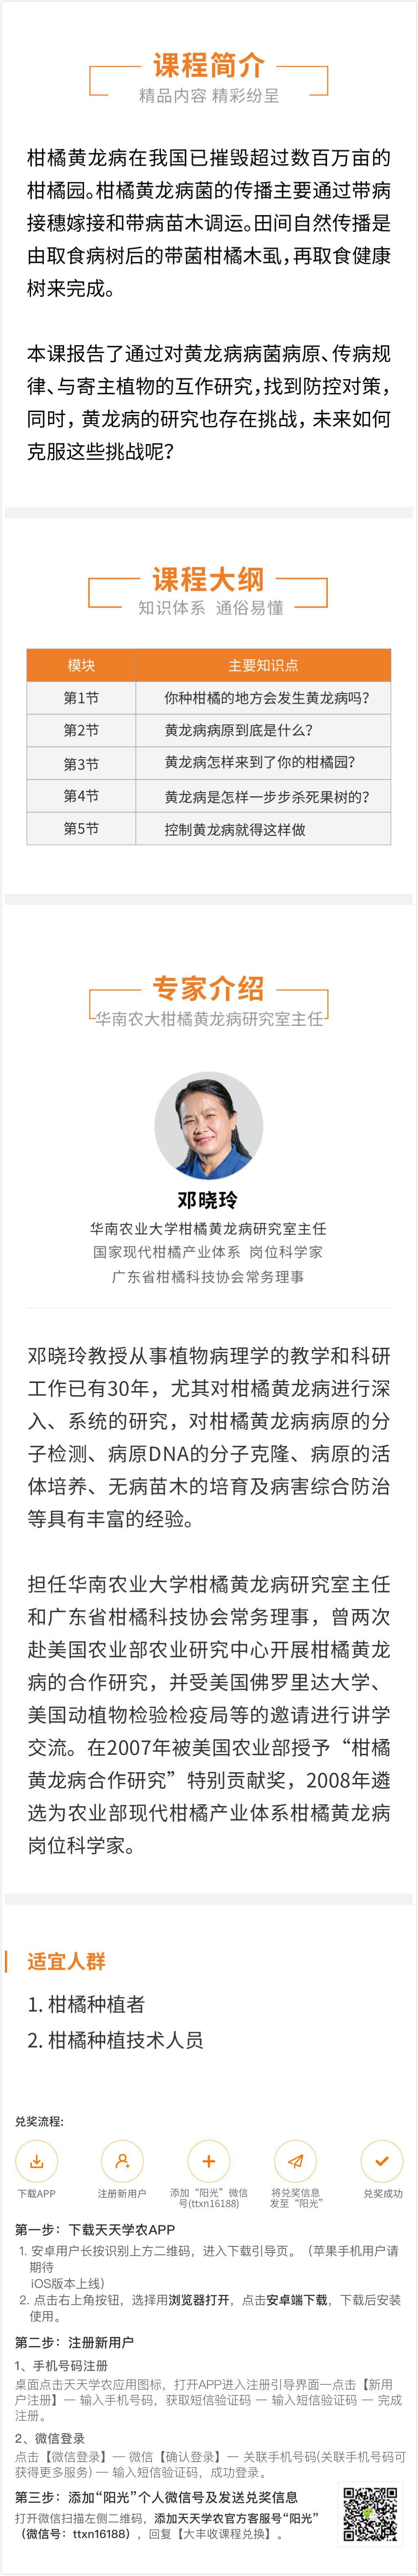 柑橘黄龙病的研究进展与防控对策课程_看图王.jpg